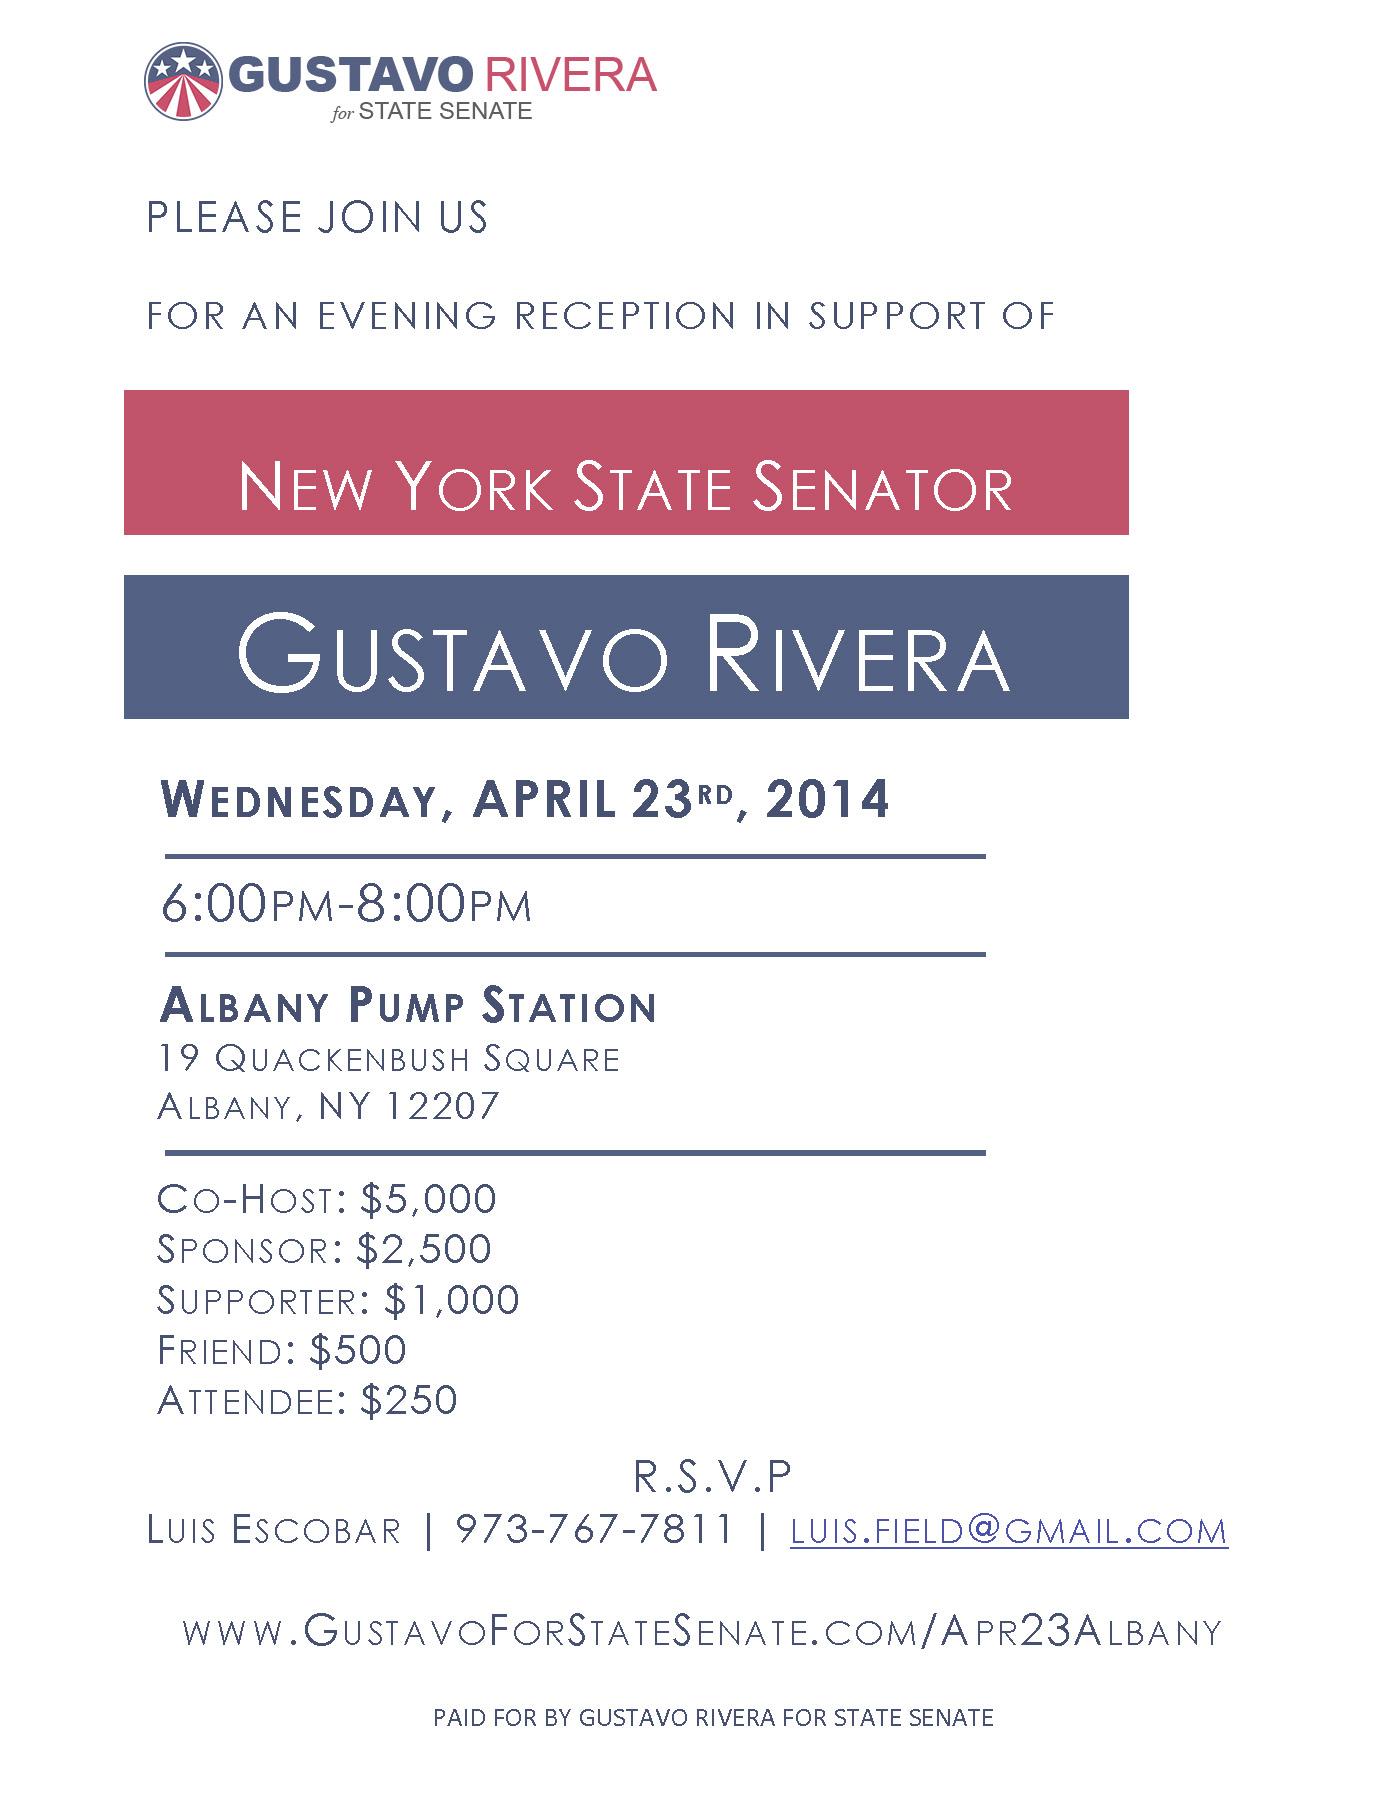 Senator.Rivera.Apr23.Invite.jpg